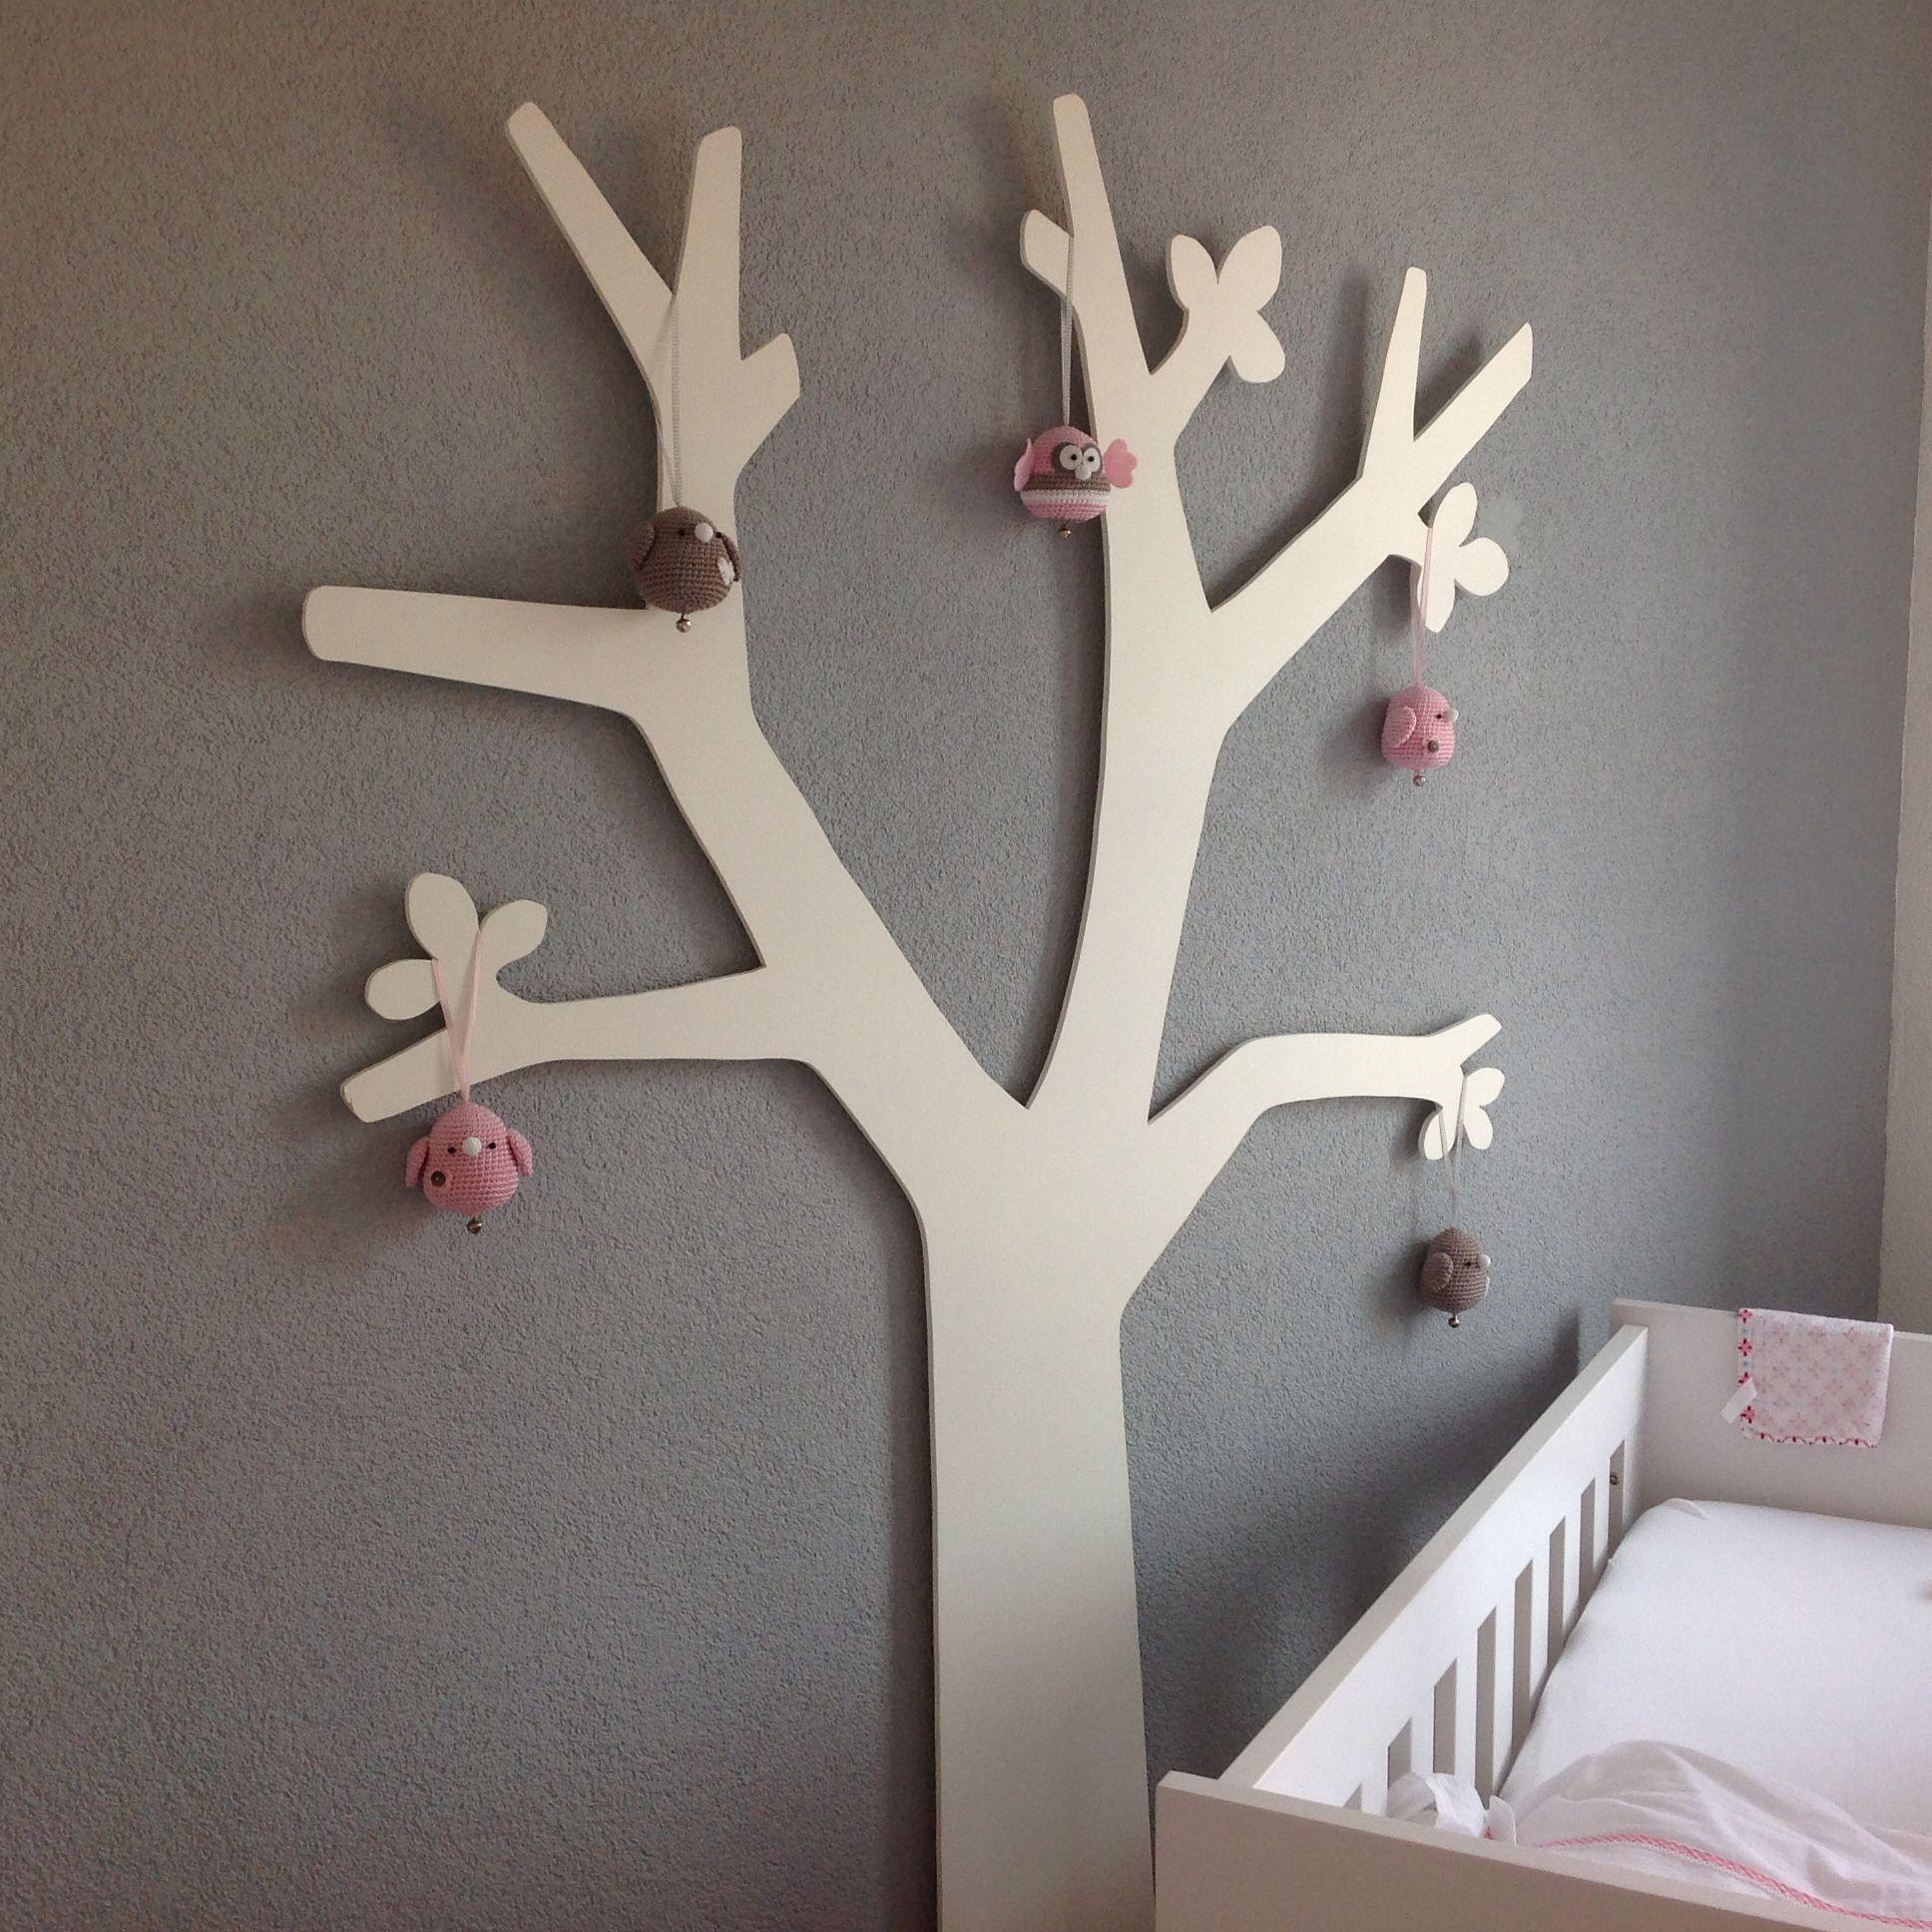 houten boom met gehaakte vogels en een uil | babykamer | pinterest, Deco ideeën